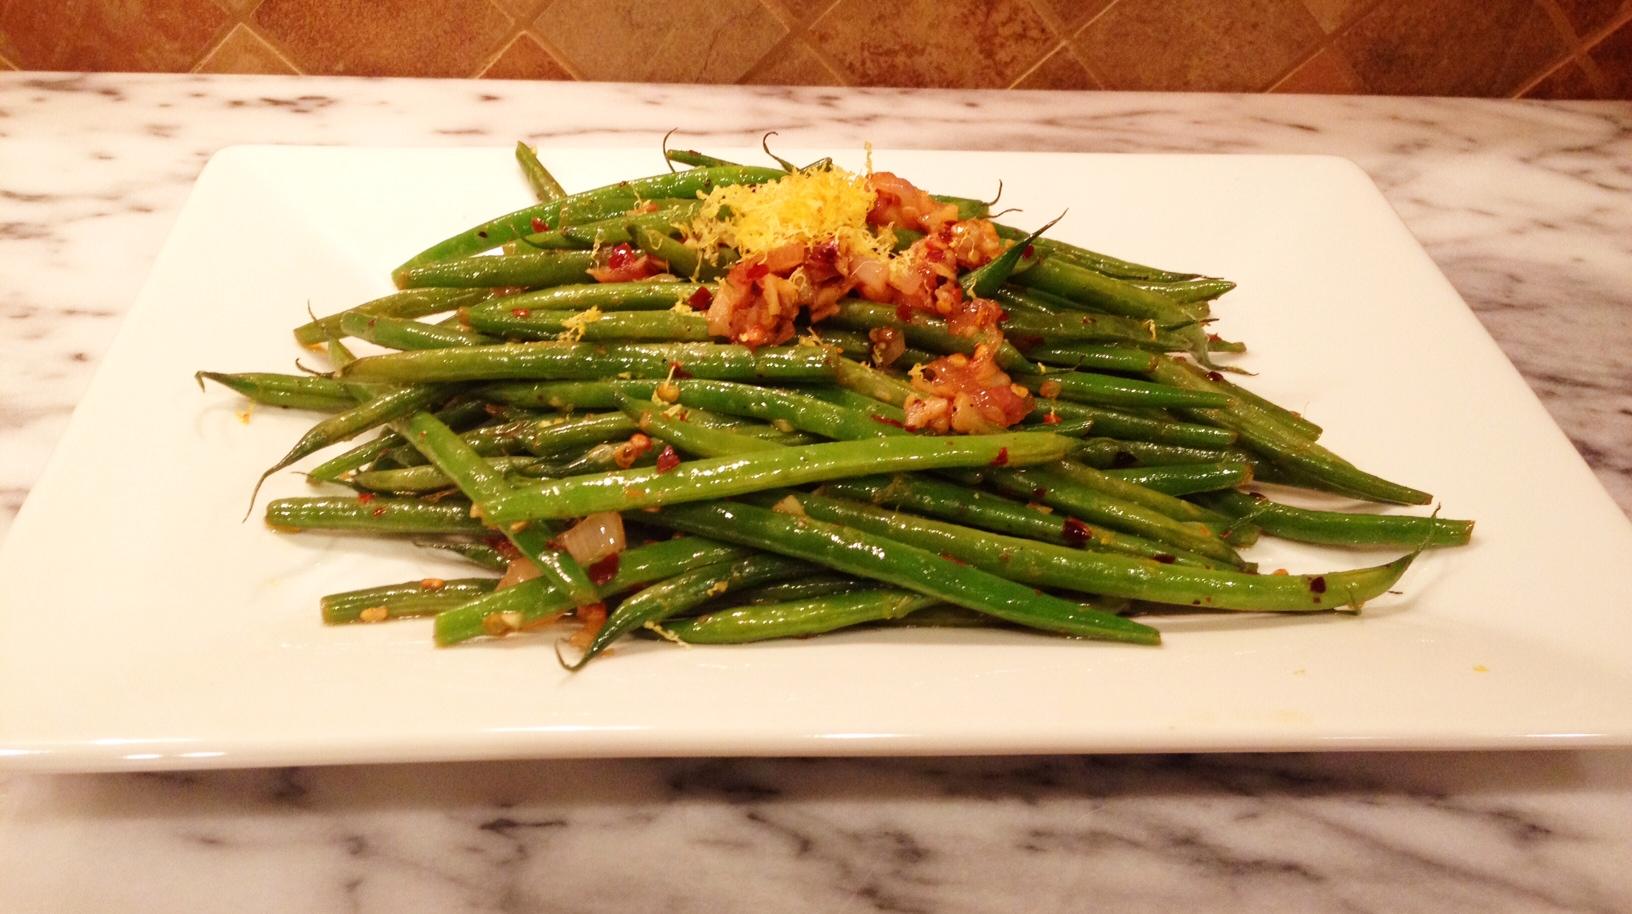 Spicy Garlic Green Beans | Baked Northwest